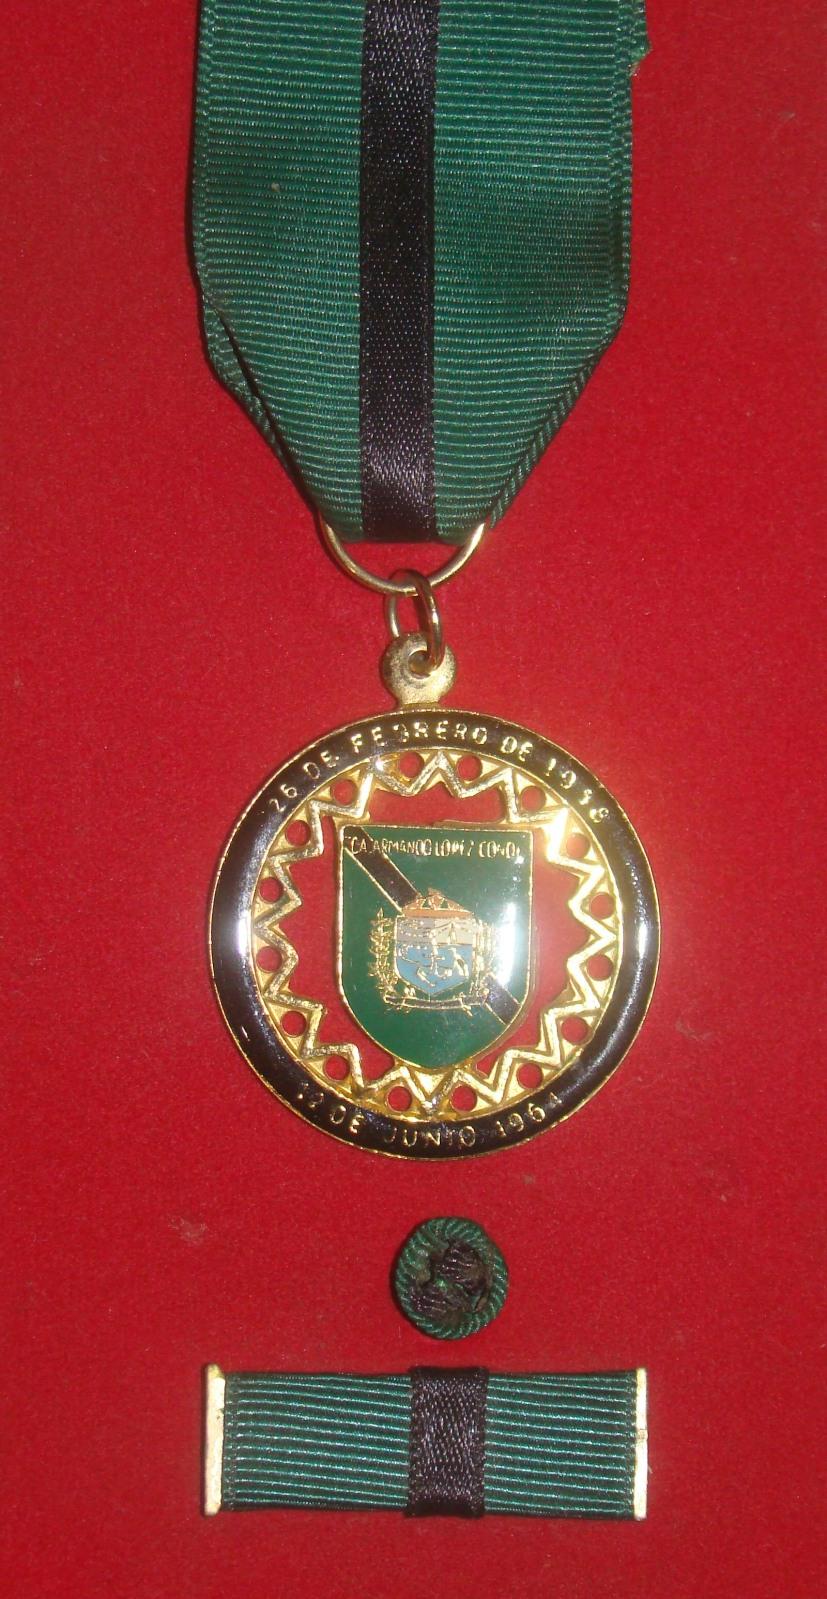 Condecoraciones y Medalla Navales 2lwol4x